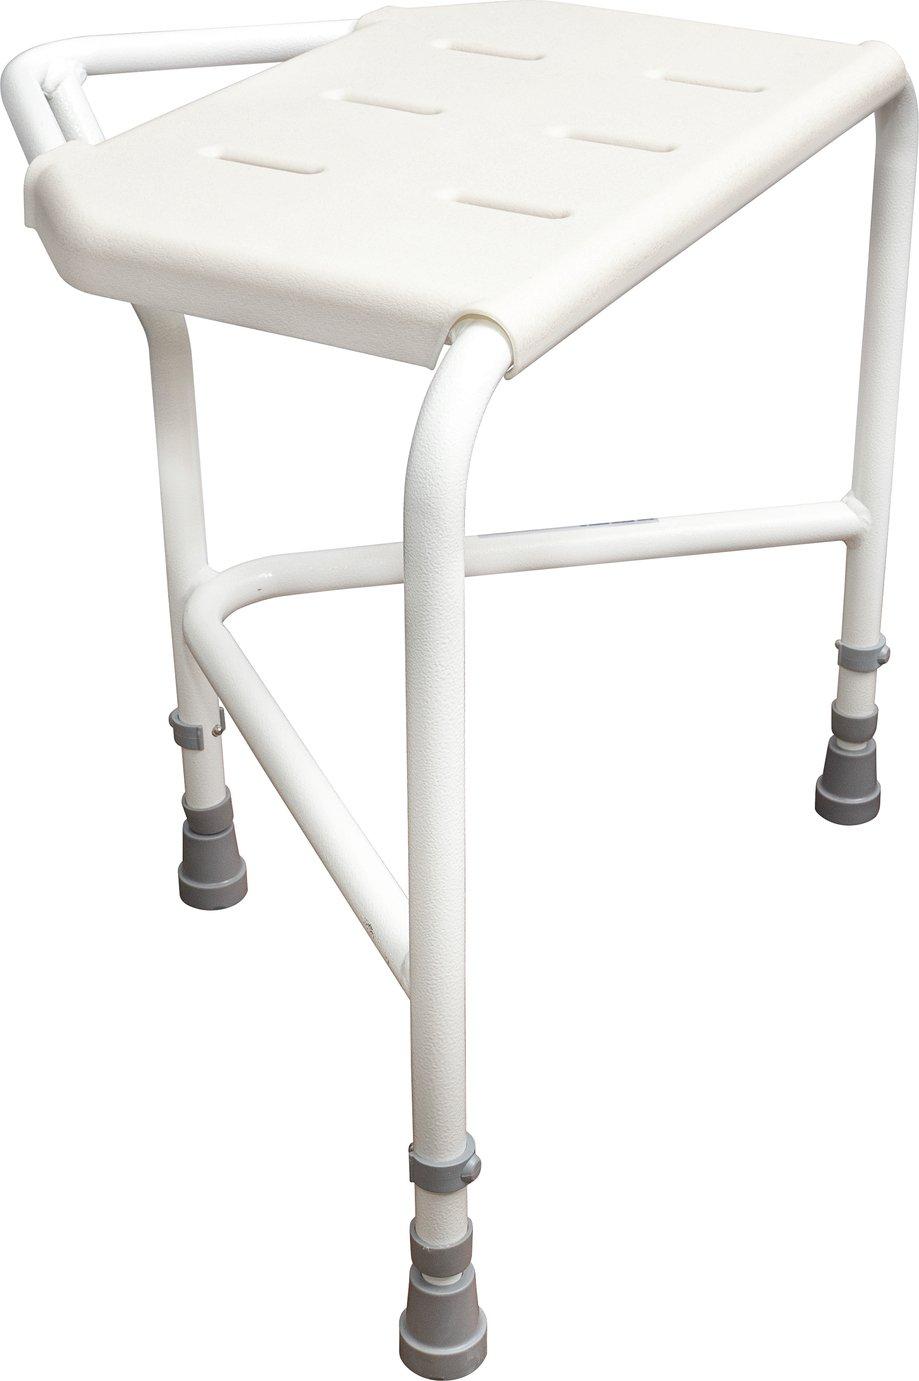 Aidapt Pembury Adjustable Corner Shower Stool